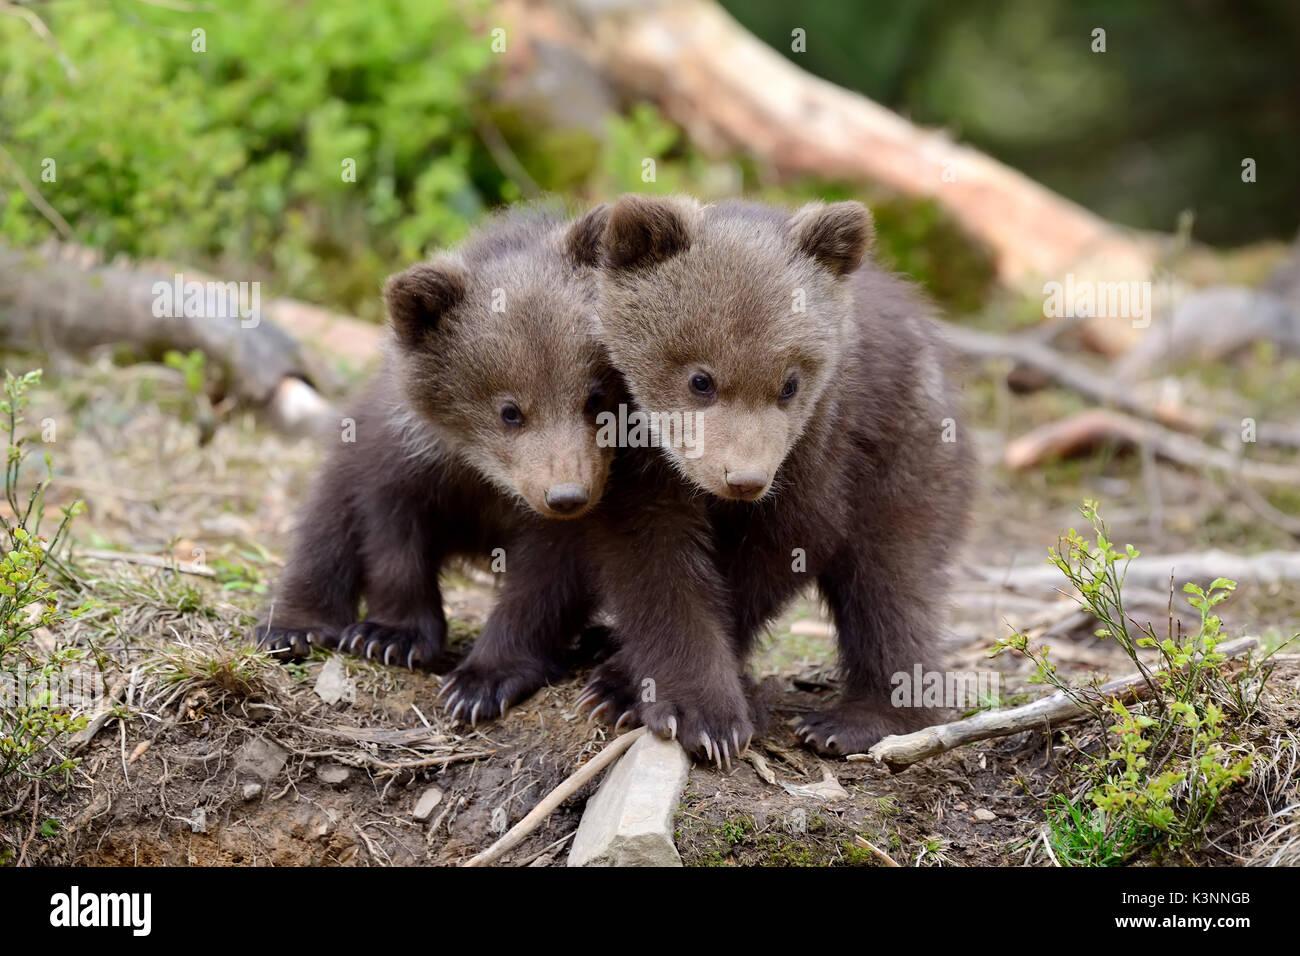 Giovani orso bruno nella foresta. Ritratto di orso bruno. Animale in natura habitat. Cub di orso bruno senza madre. Immagini Stock